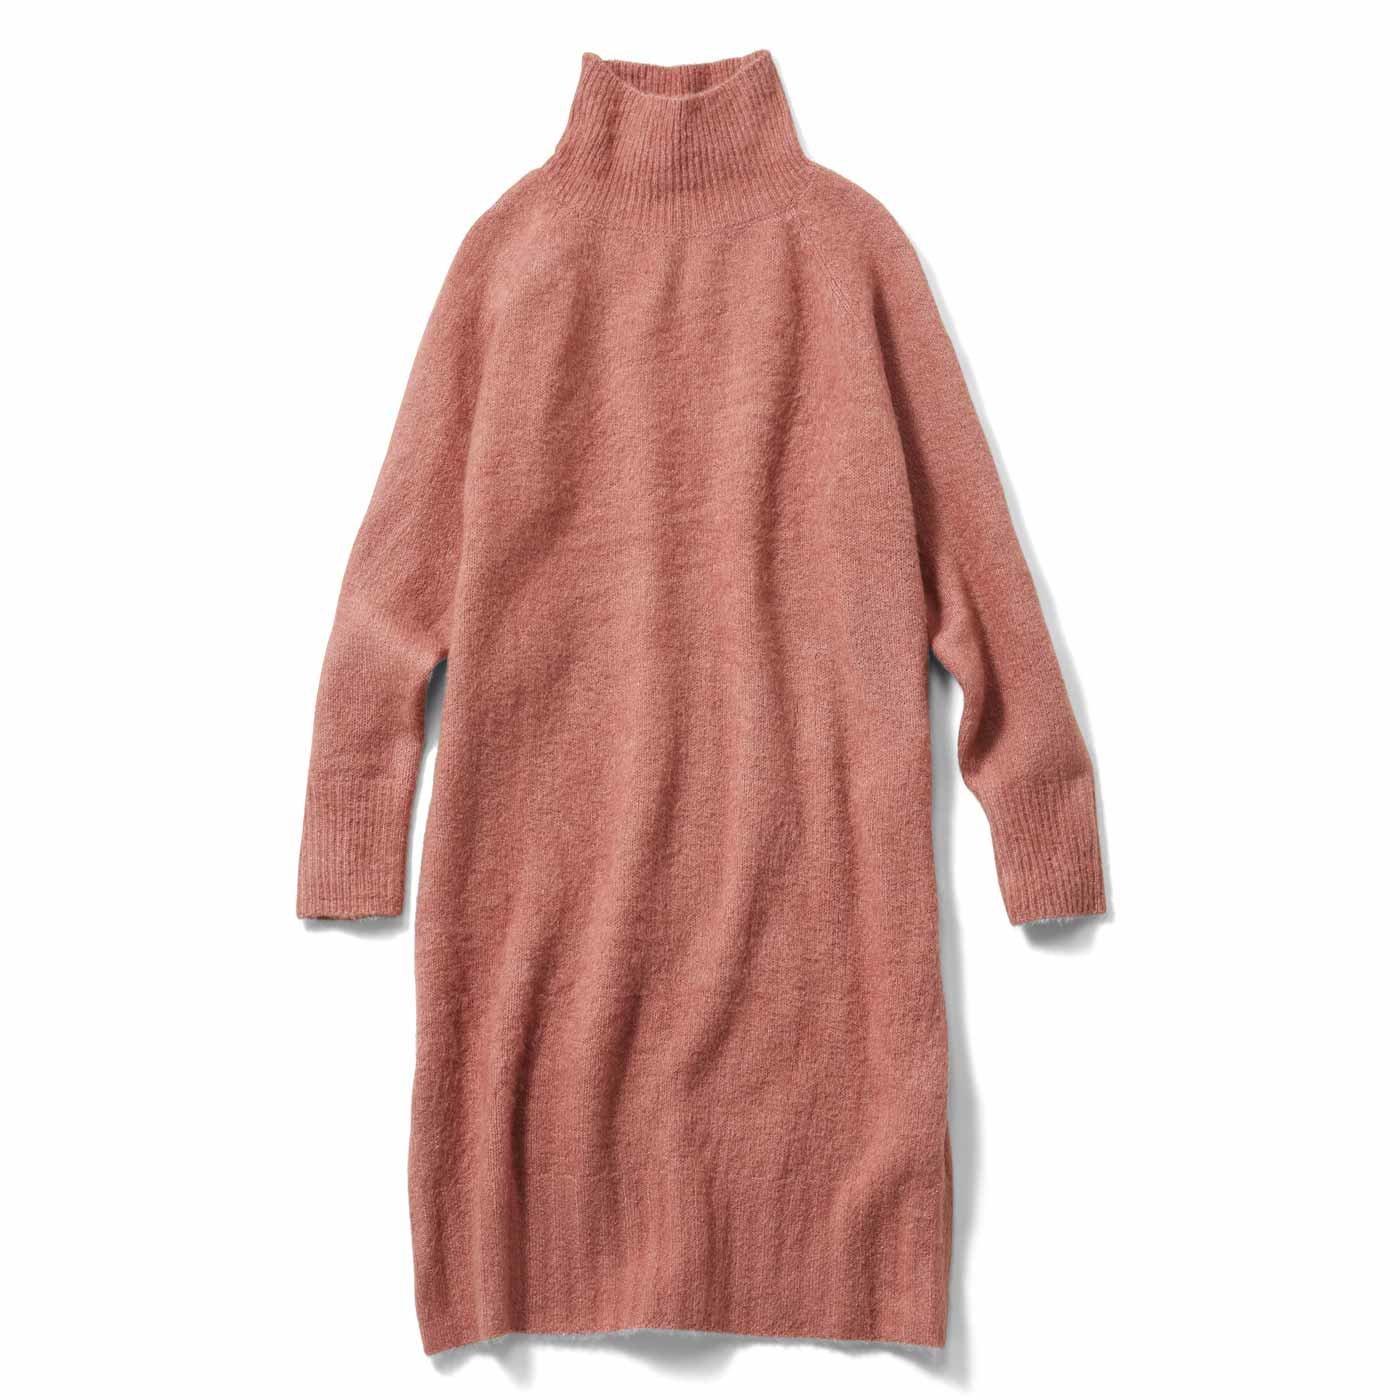 IEDIT[イディット] もちふわ素材で暖か軽やか すべてをまるっと隠してくれるニットチュニックワンピース〈スモーキーピンク〉